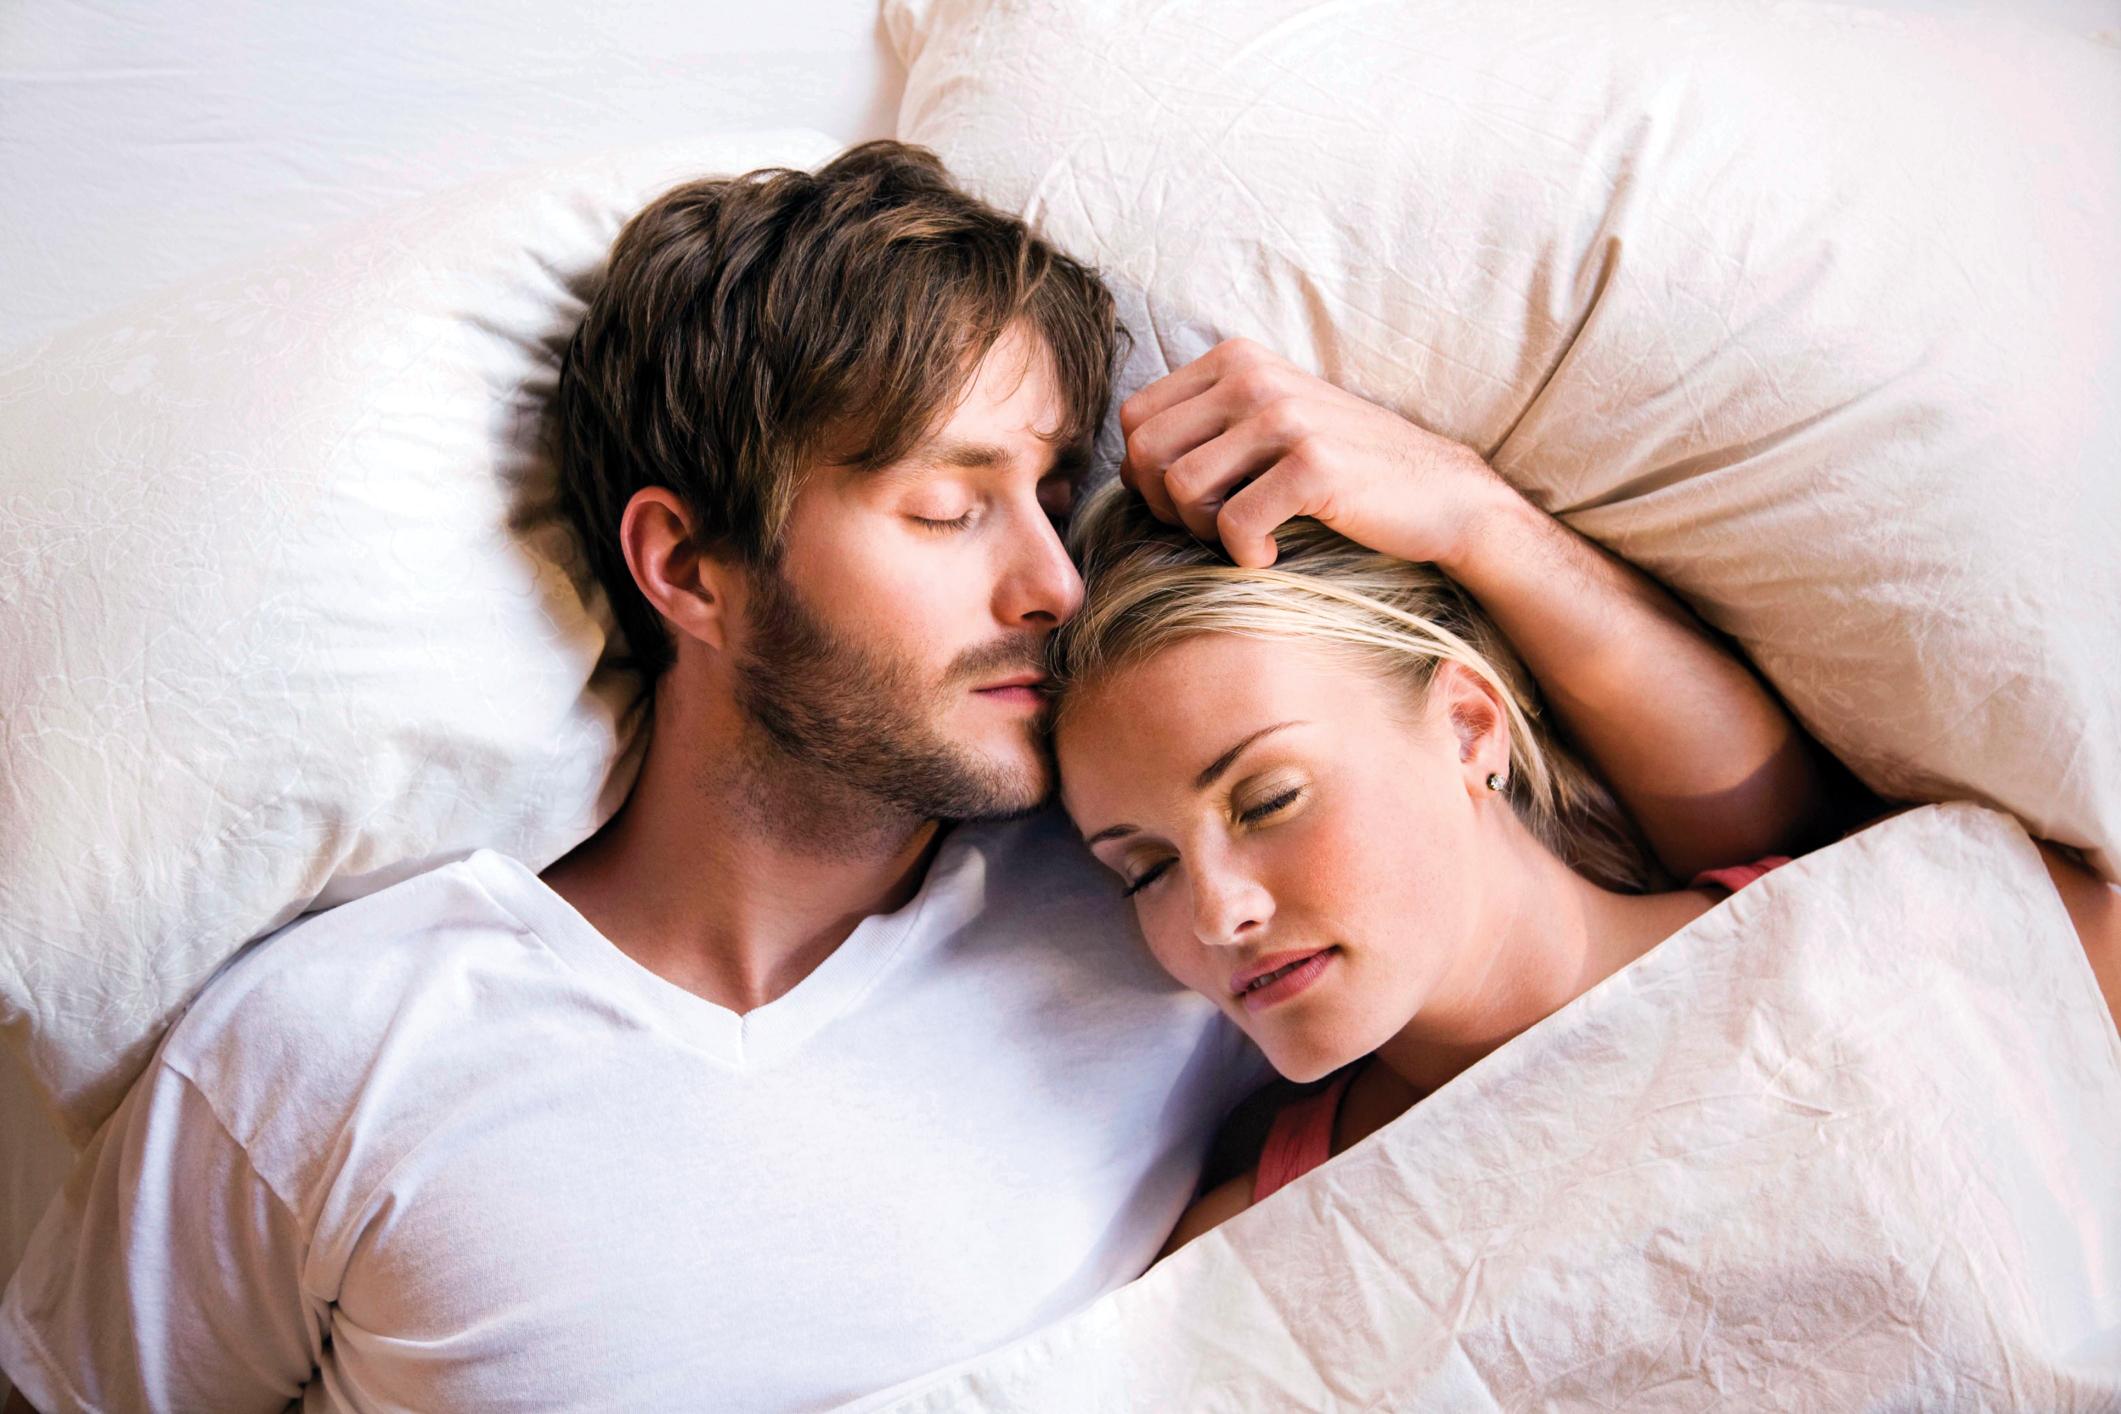 miért fontos az udvarlás és a randevú az életre szóló partner kiválasztásánál?